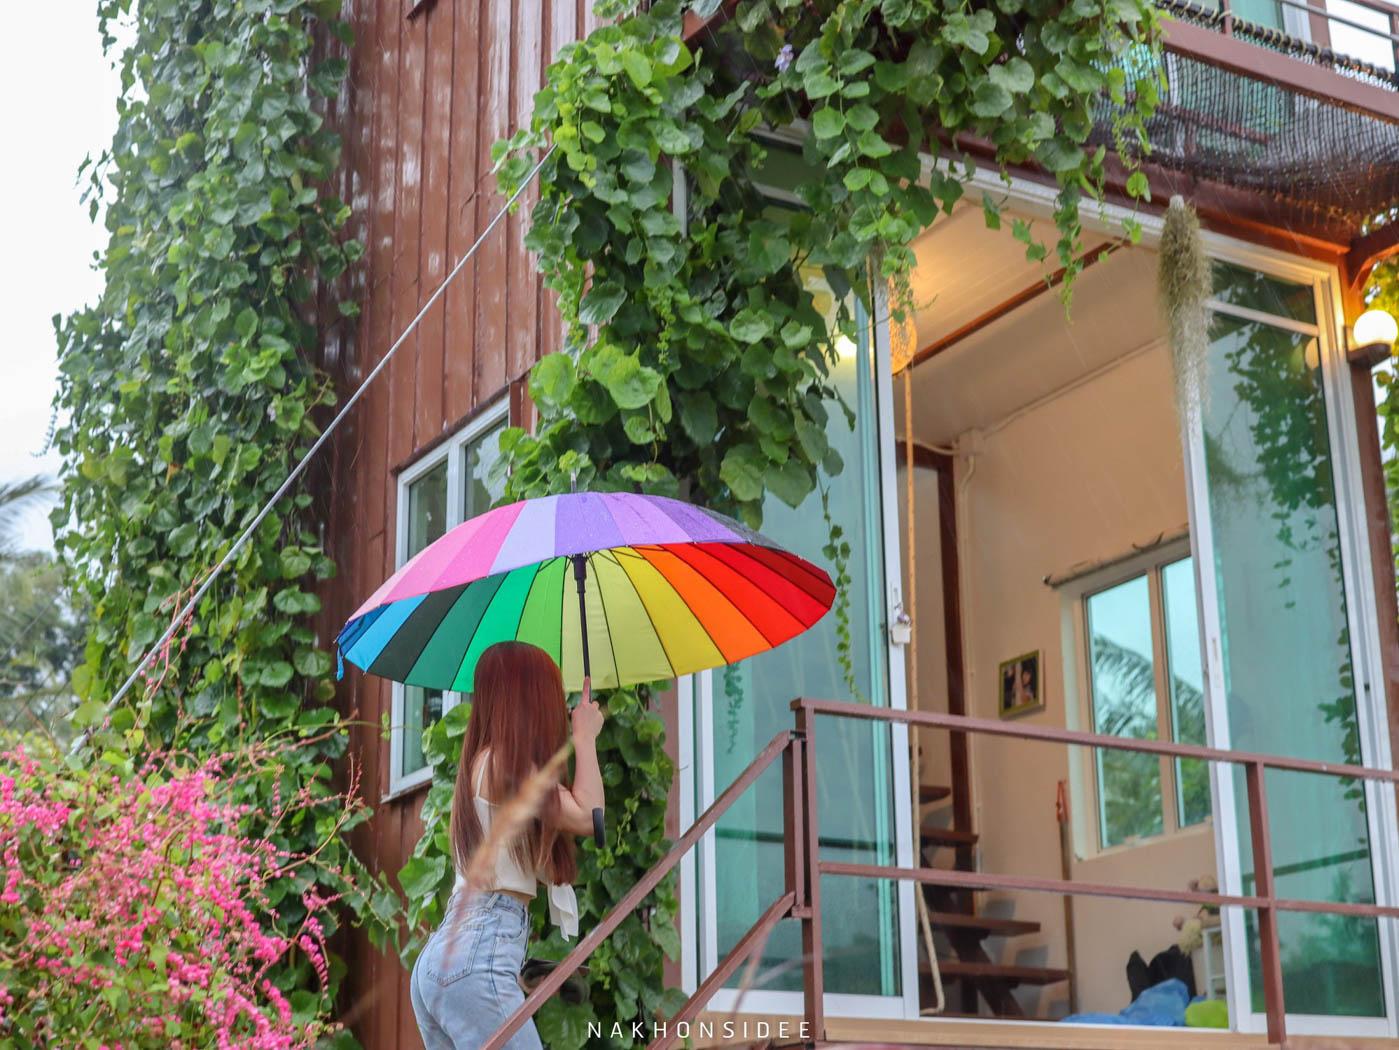 ฝนตกก็มีร่มน่ารักๆให้นะ เป็นพร็อพถ่ายรูปได้อีกที่พัก,ลานสกา,นครศรีธรรมราช,โรงแรม,รีสอร์ท,ริมลำธาร,หมูกะทะ